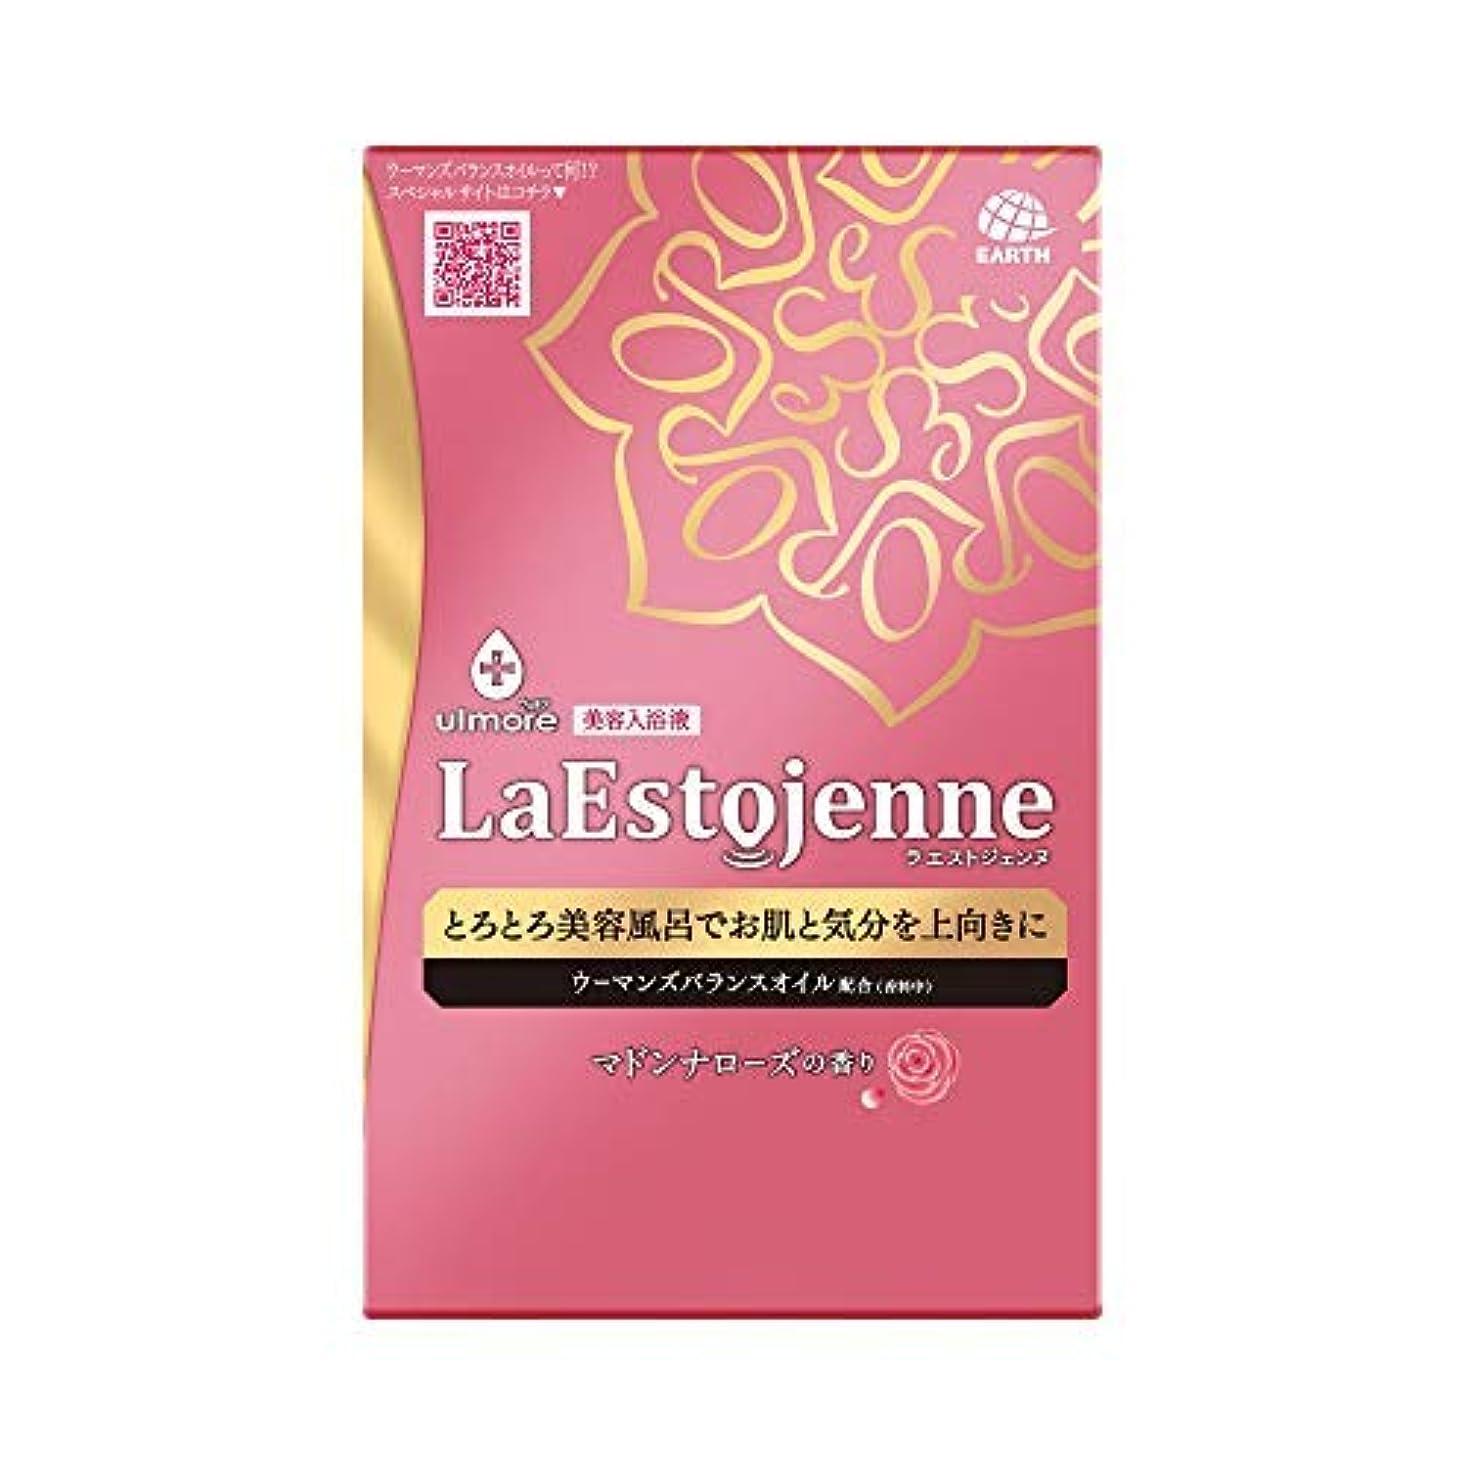 ワーディアンケースキルトディスパッチウルモア ラエストジェンヌ マドンナローズの香り 3包入り × 6個セット